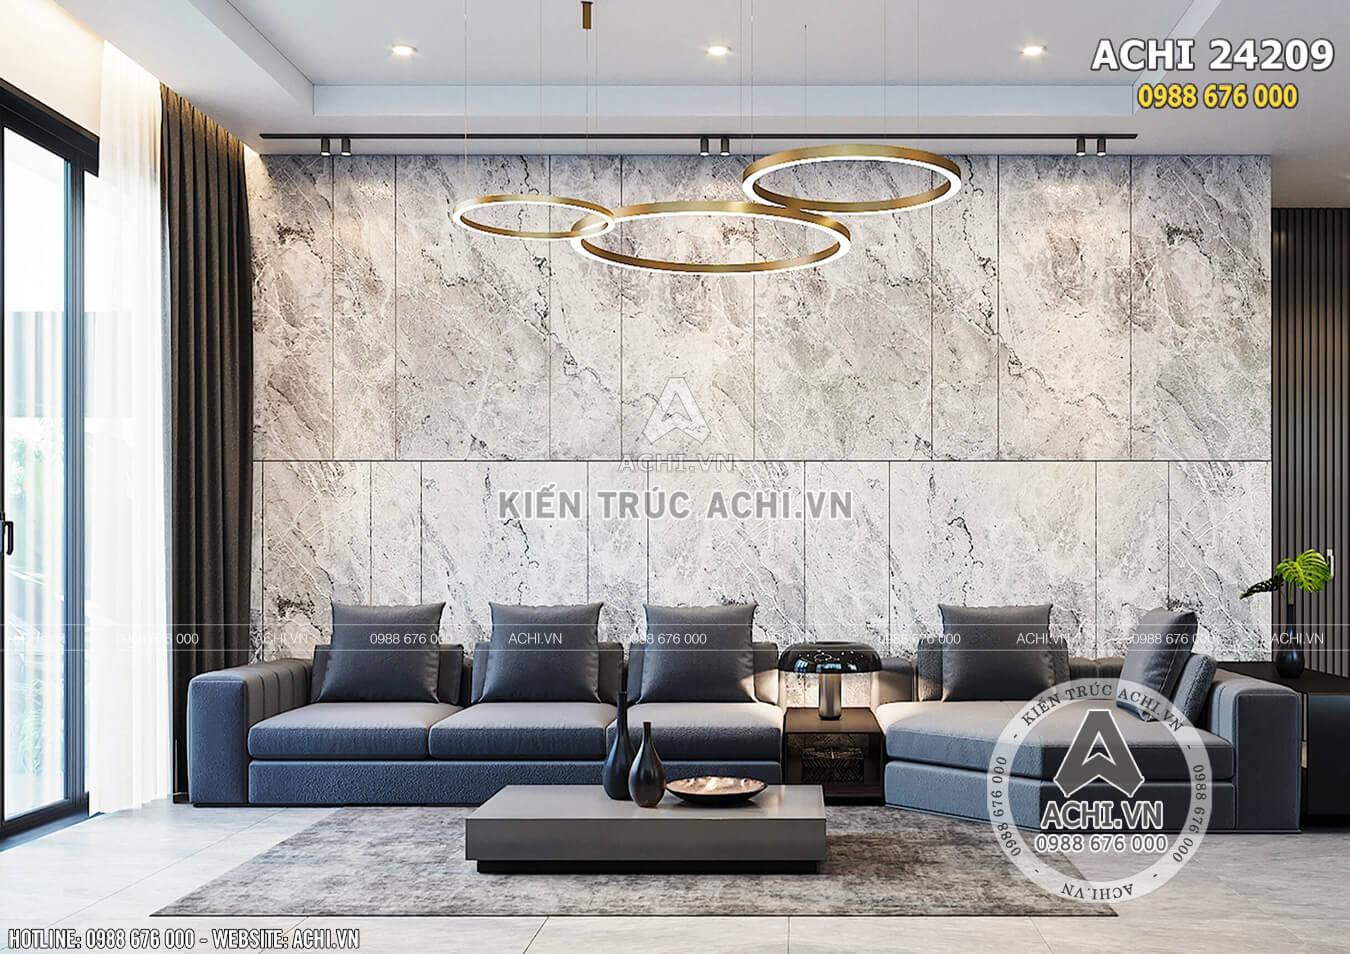 Không gian phòng khách với thiết kế hiện đại, mới lạ mang lại nguồn năng lượng mới cho cuộc sống